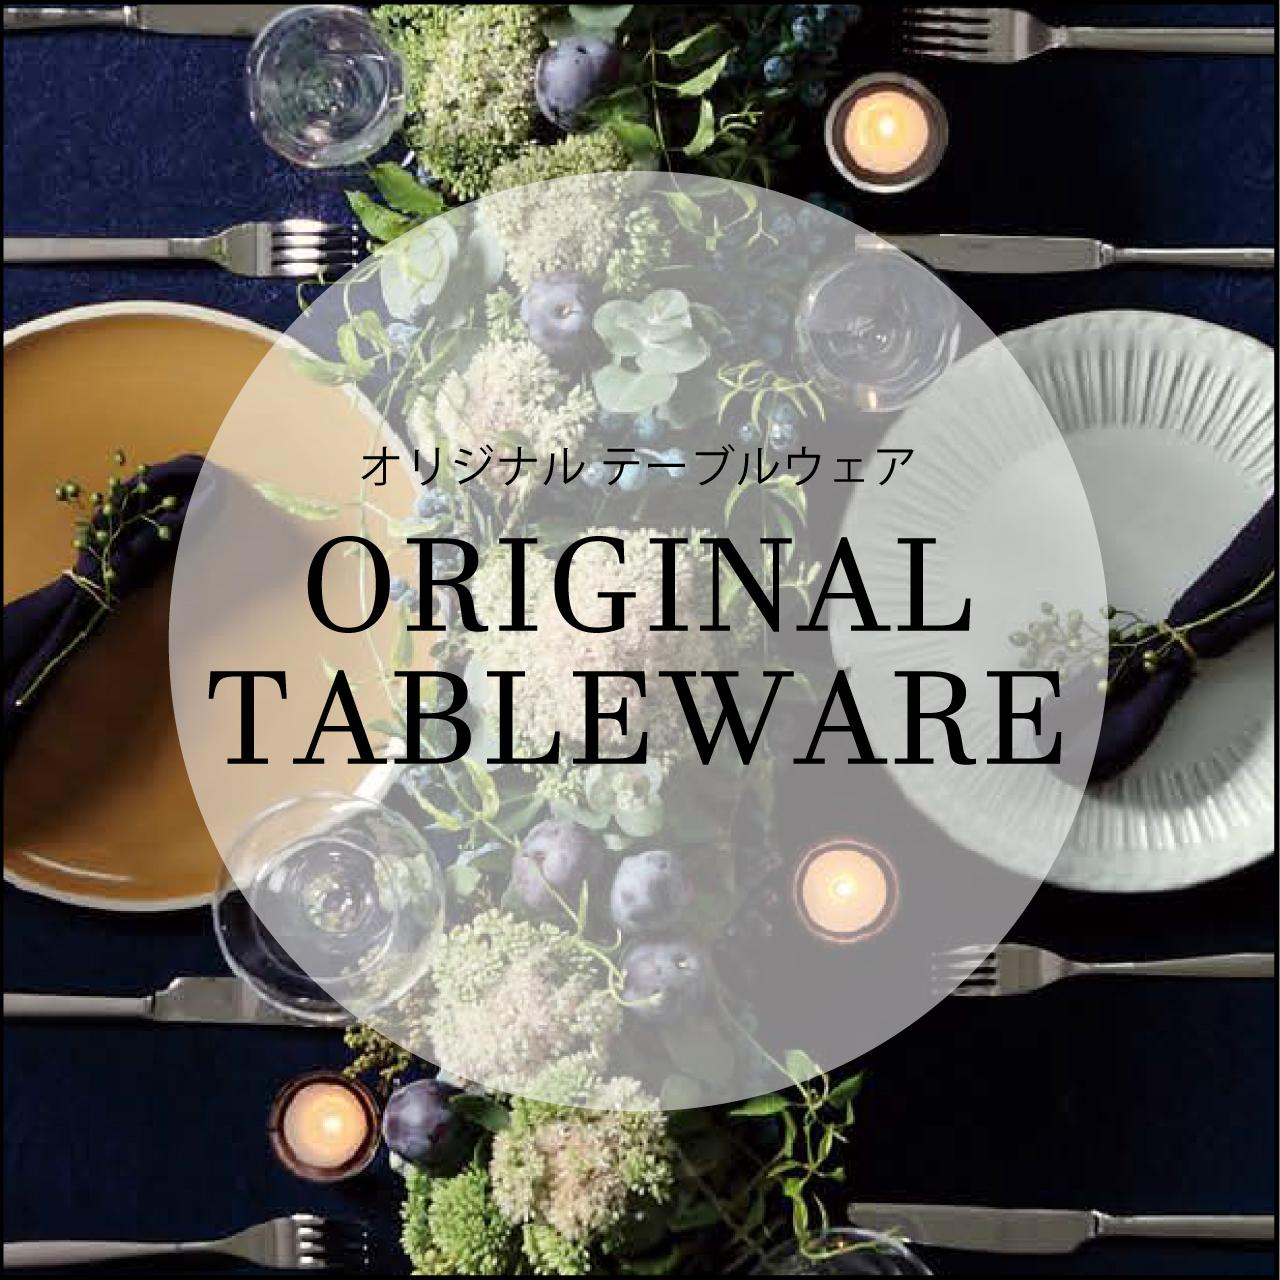 オリジナルテーブルウェア 美濃焼 カタログ